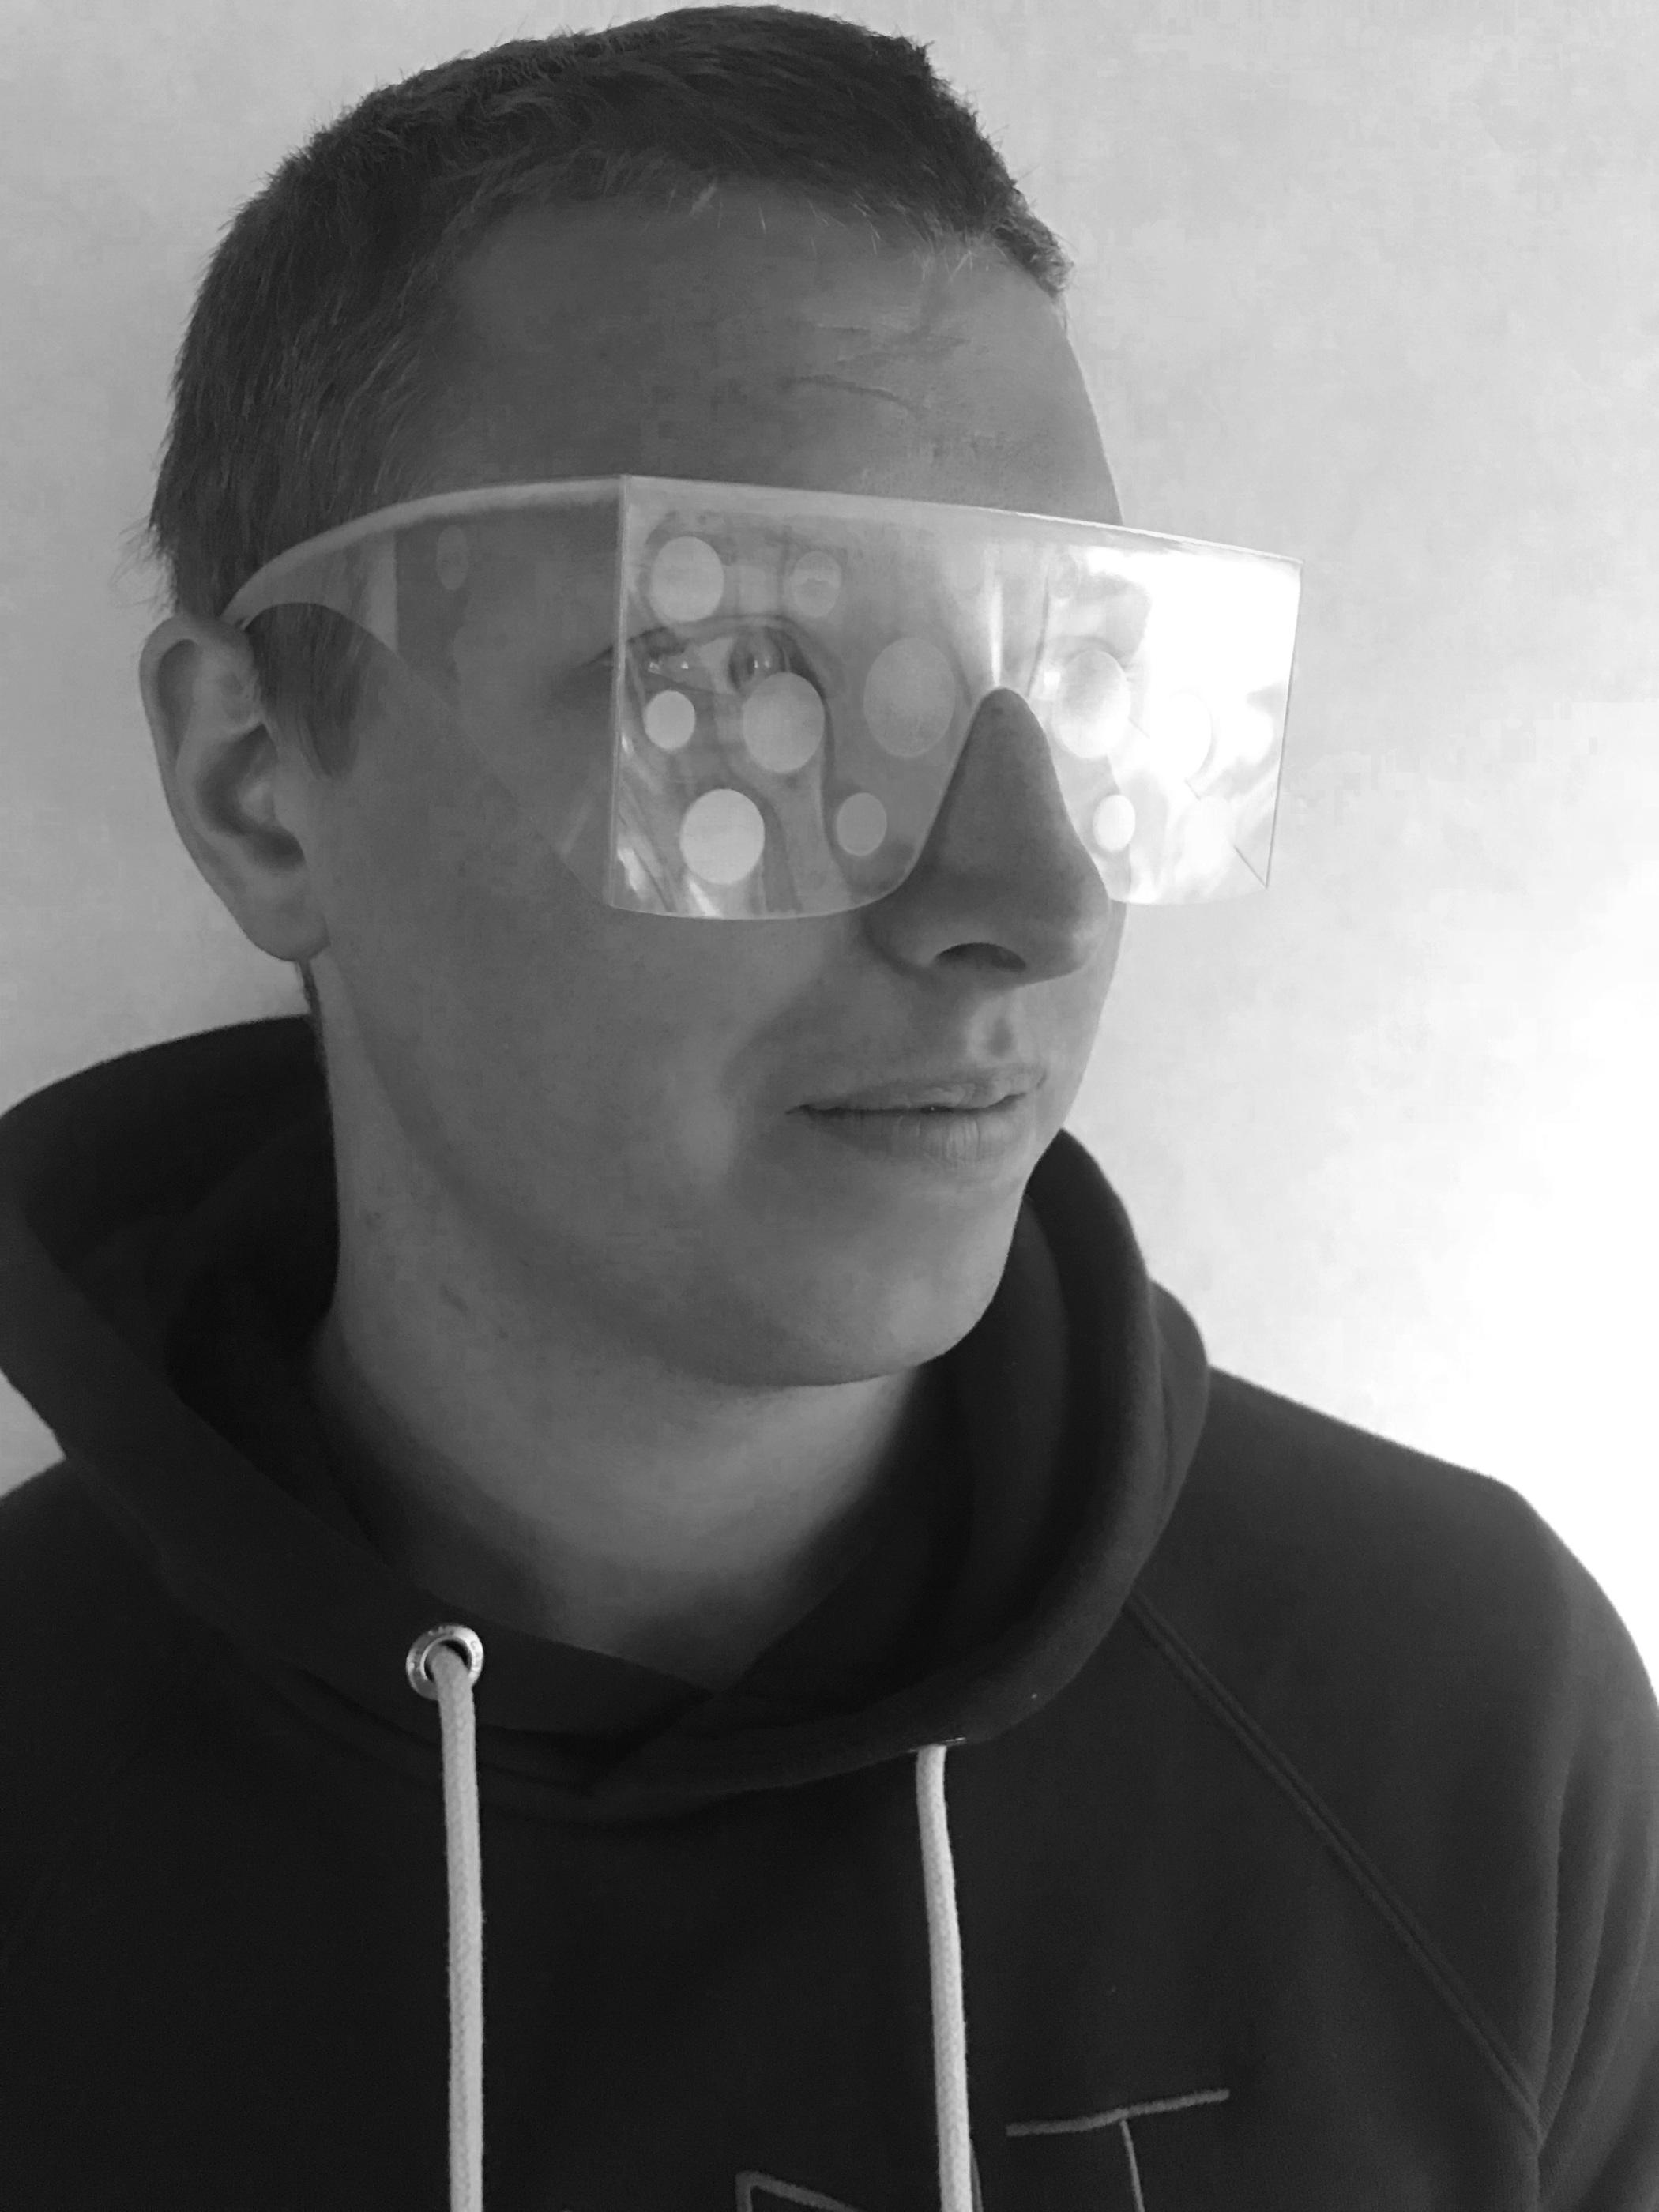 Använda glasögon som simulerar diabetes